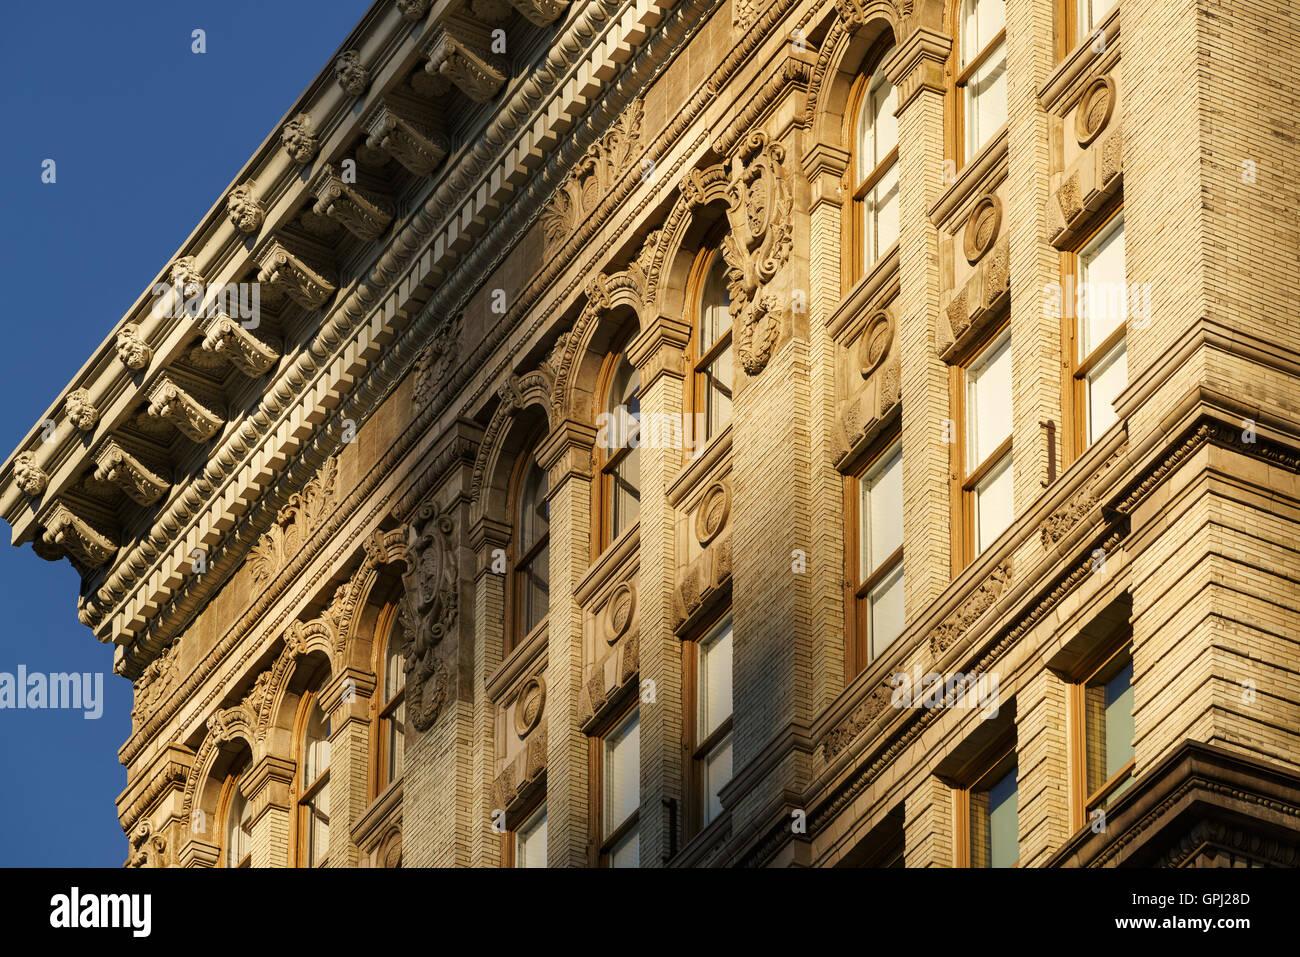 Soho edificio de ladrillo de fachadas y cornisas con ornamentos arquitectónicos de terracota. Manhattan, Ciudad Imagen De Stock